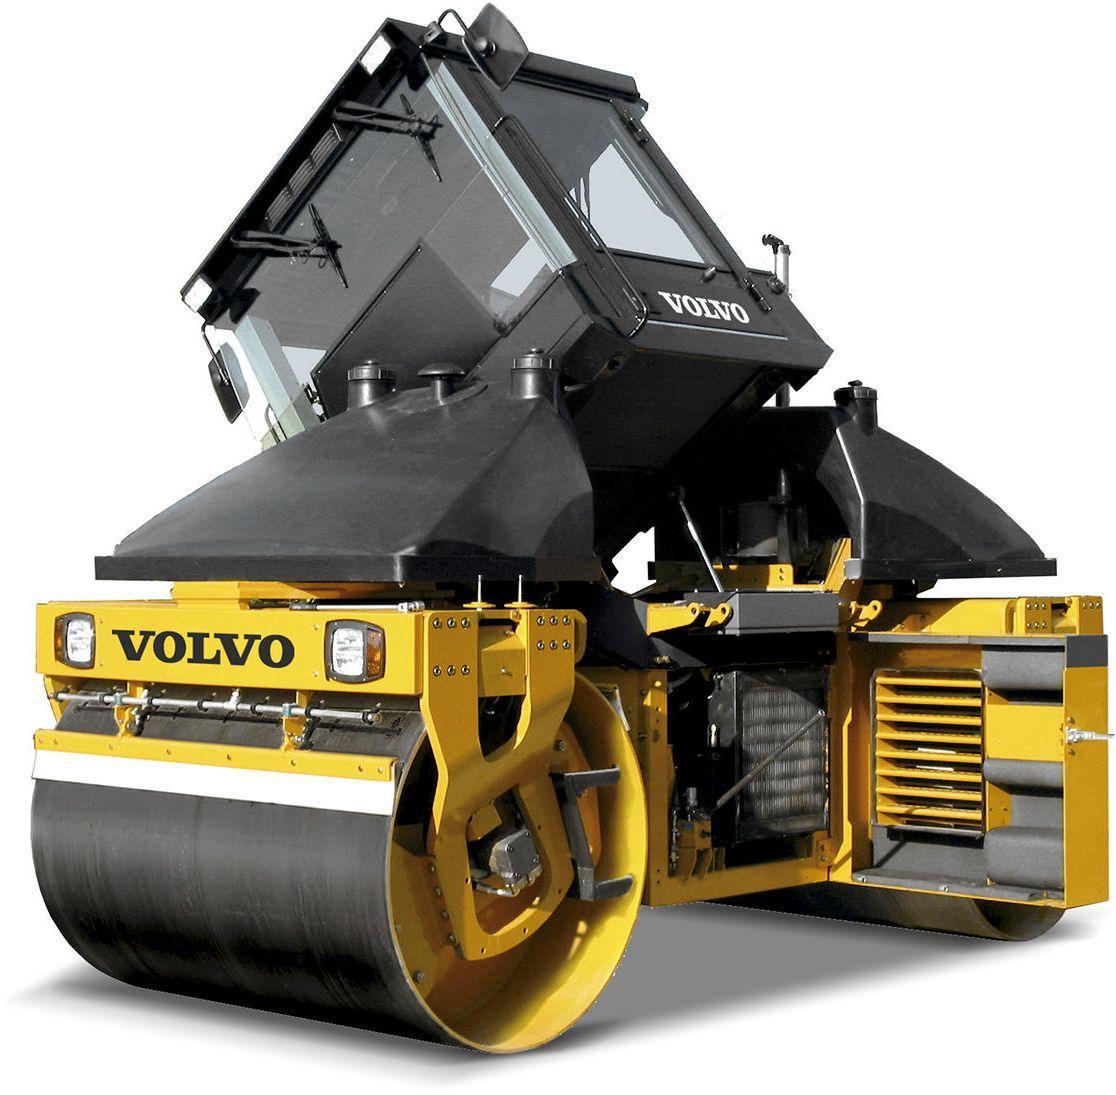 Asphalt Compactors Dd85 Volvo Parts Manual  U0026 Electrical